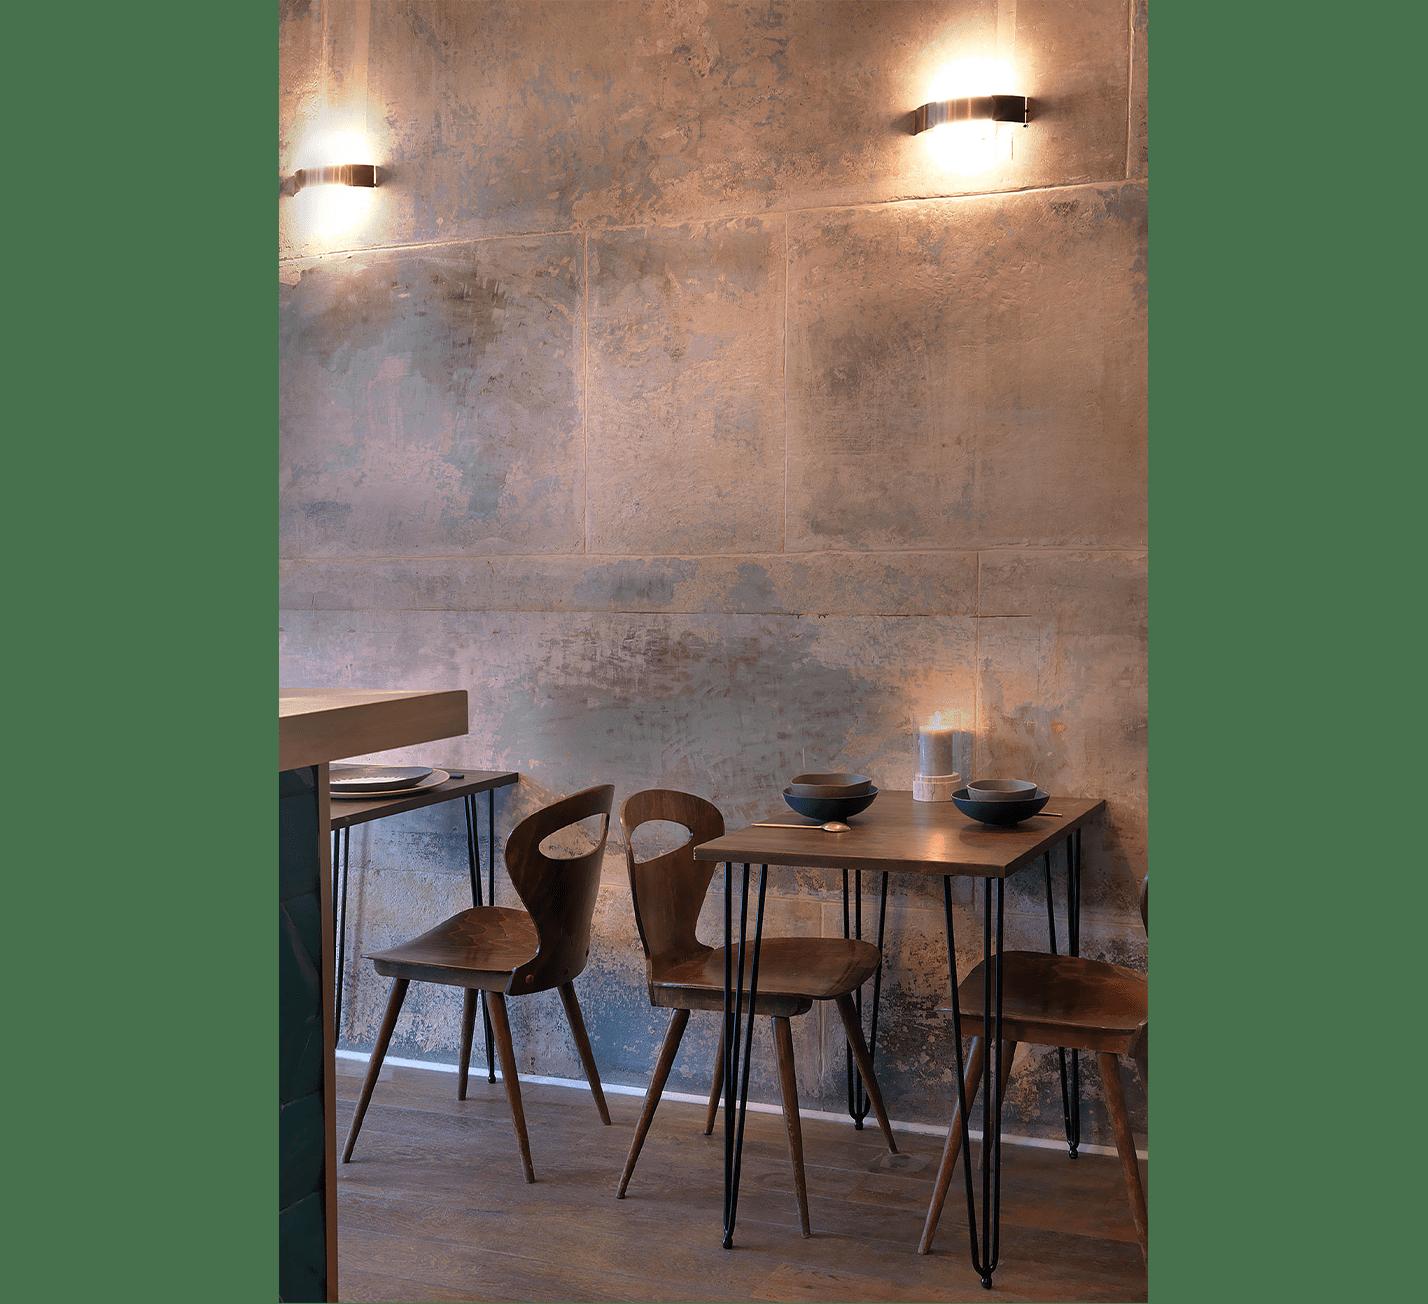 Projet-Natives-Atelier-Steve-Pauline-Borgia-Architecture-interieur-09-min-1